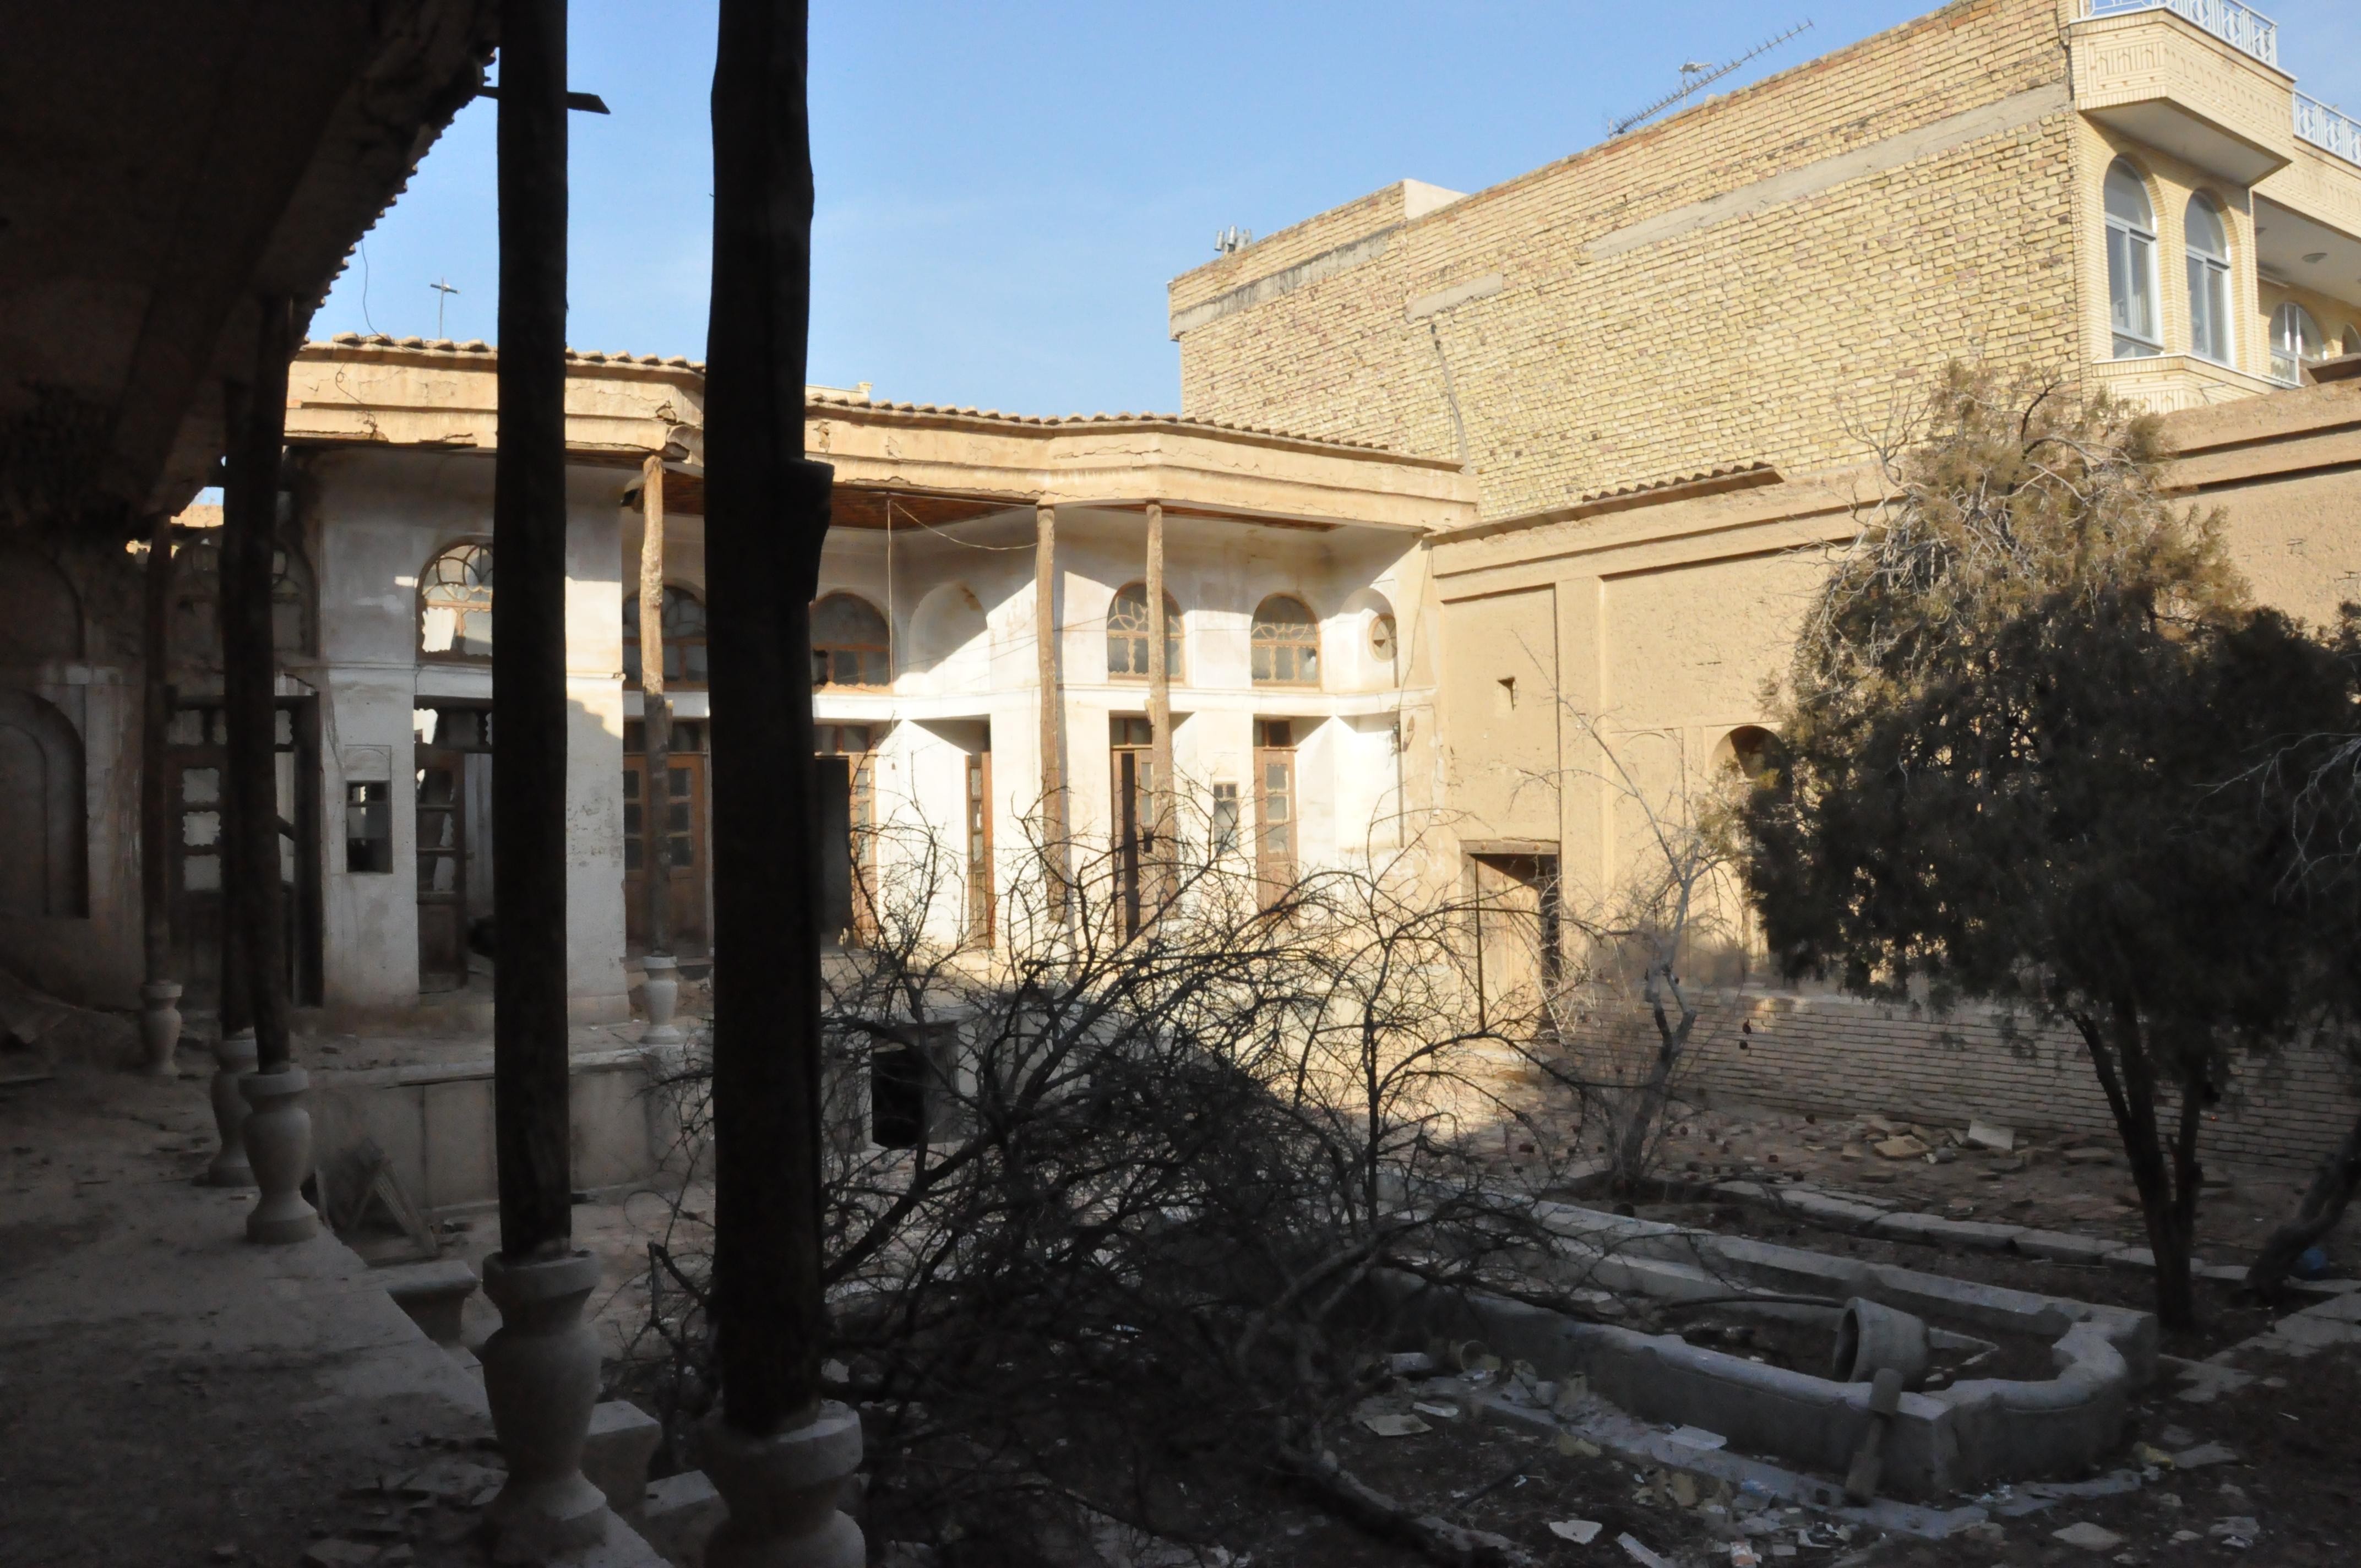 جاذبه های گردشگری مرکز نجف آباد آماده بازدید علاقه مندان می شوند